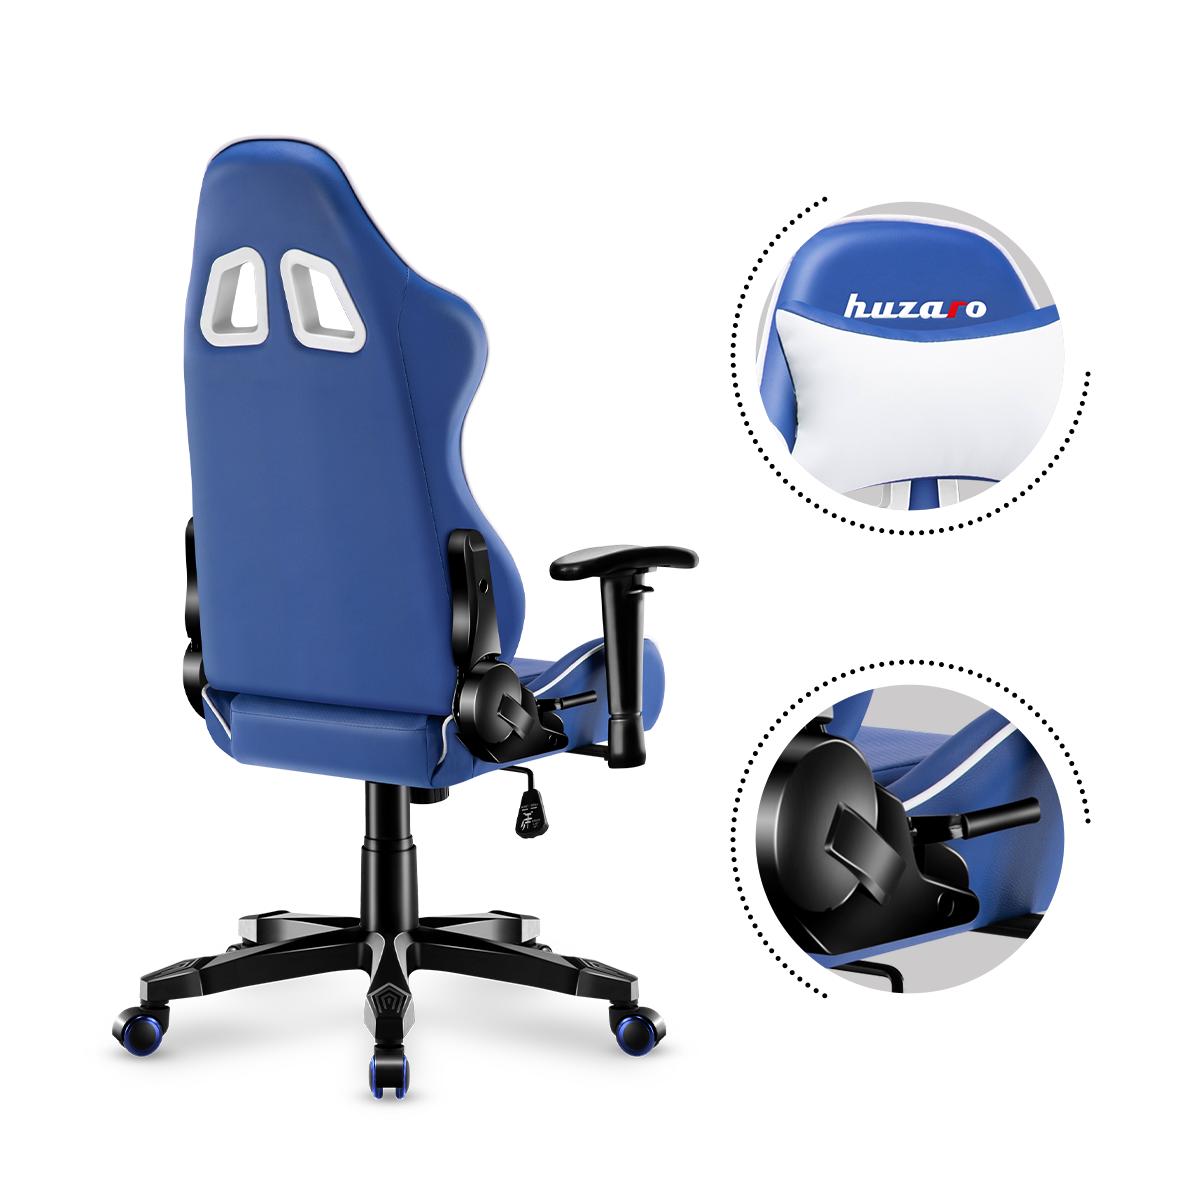 Tył fotela Huzaro Ranger 6.0 Blue z poduszką pod kark i dźwignią ustawiania oparcia